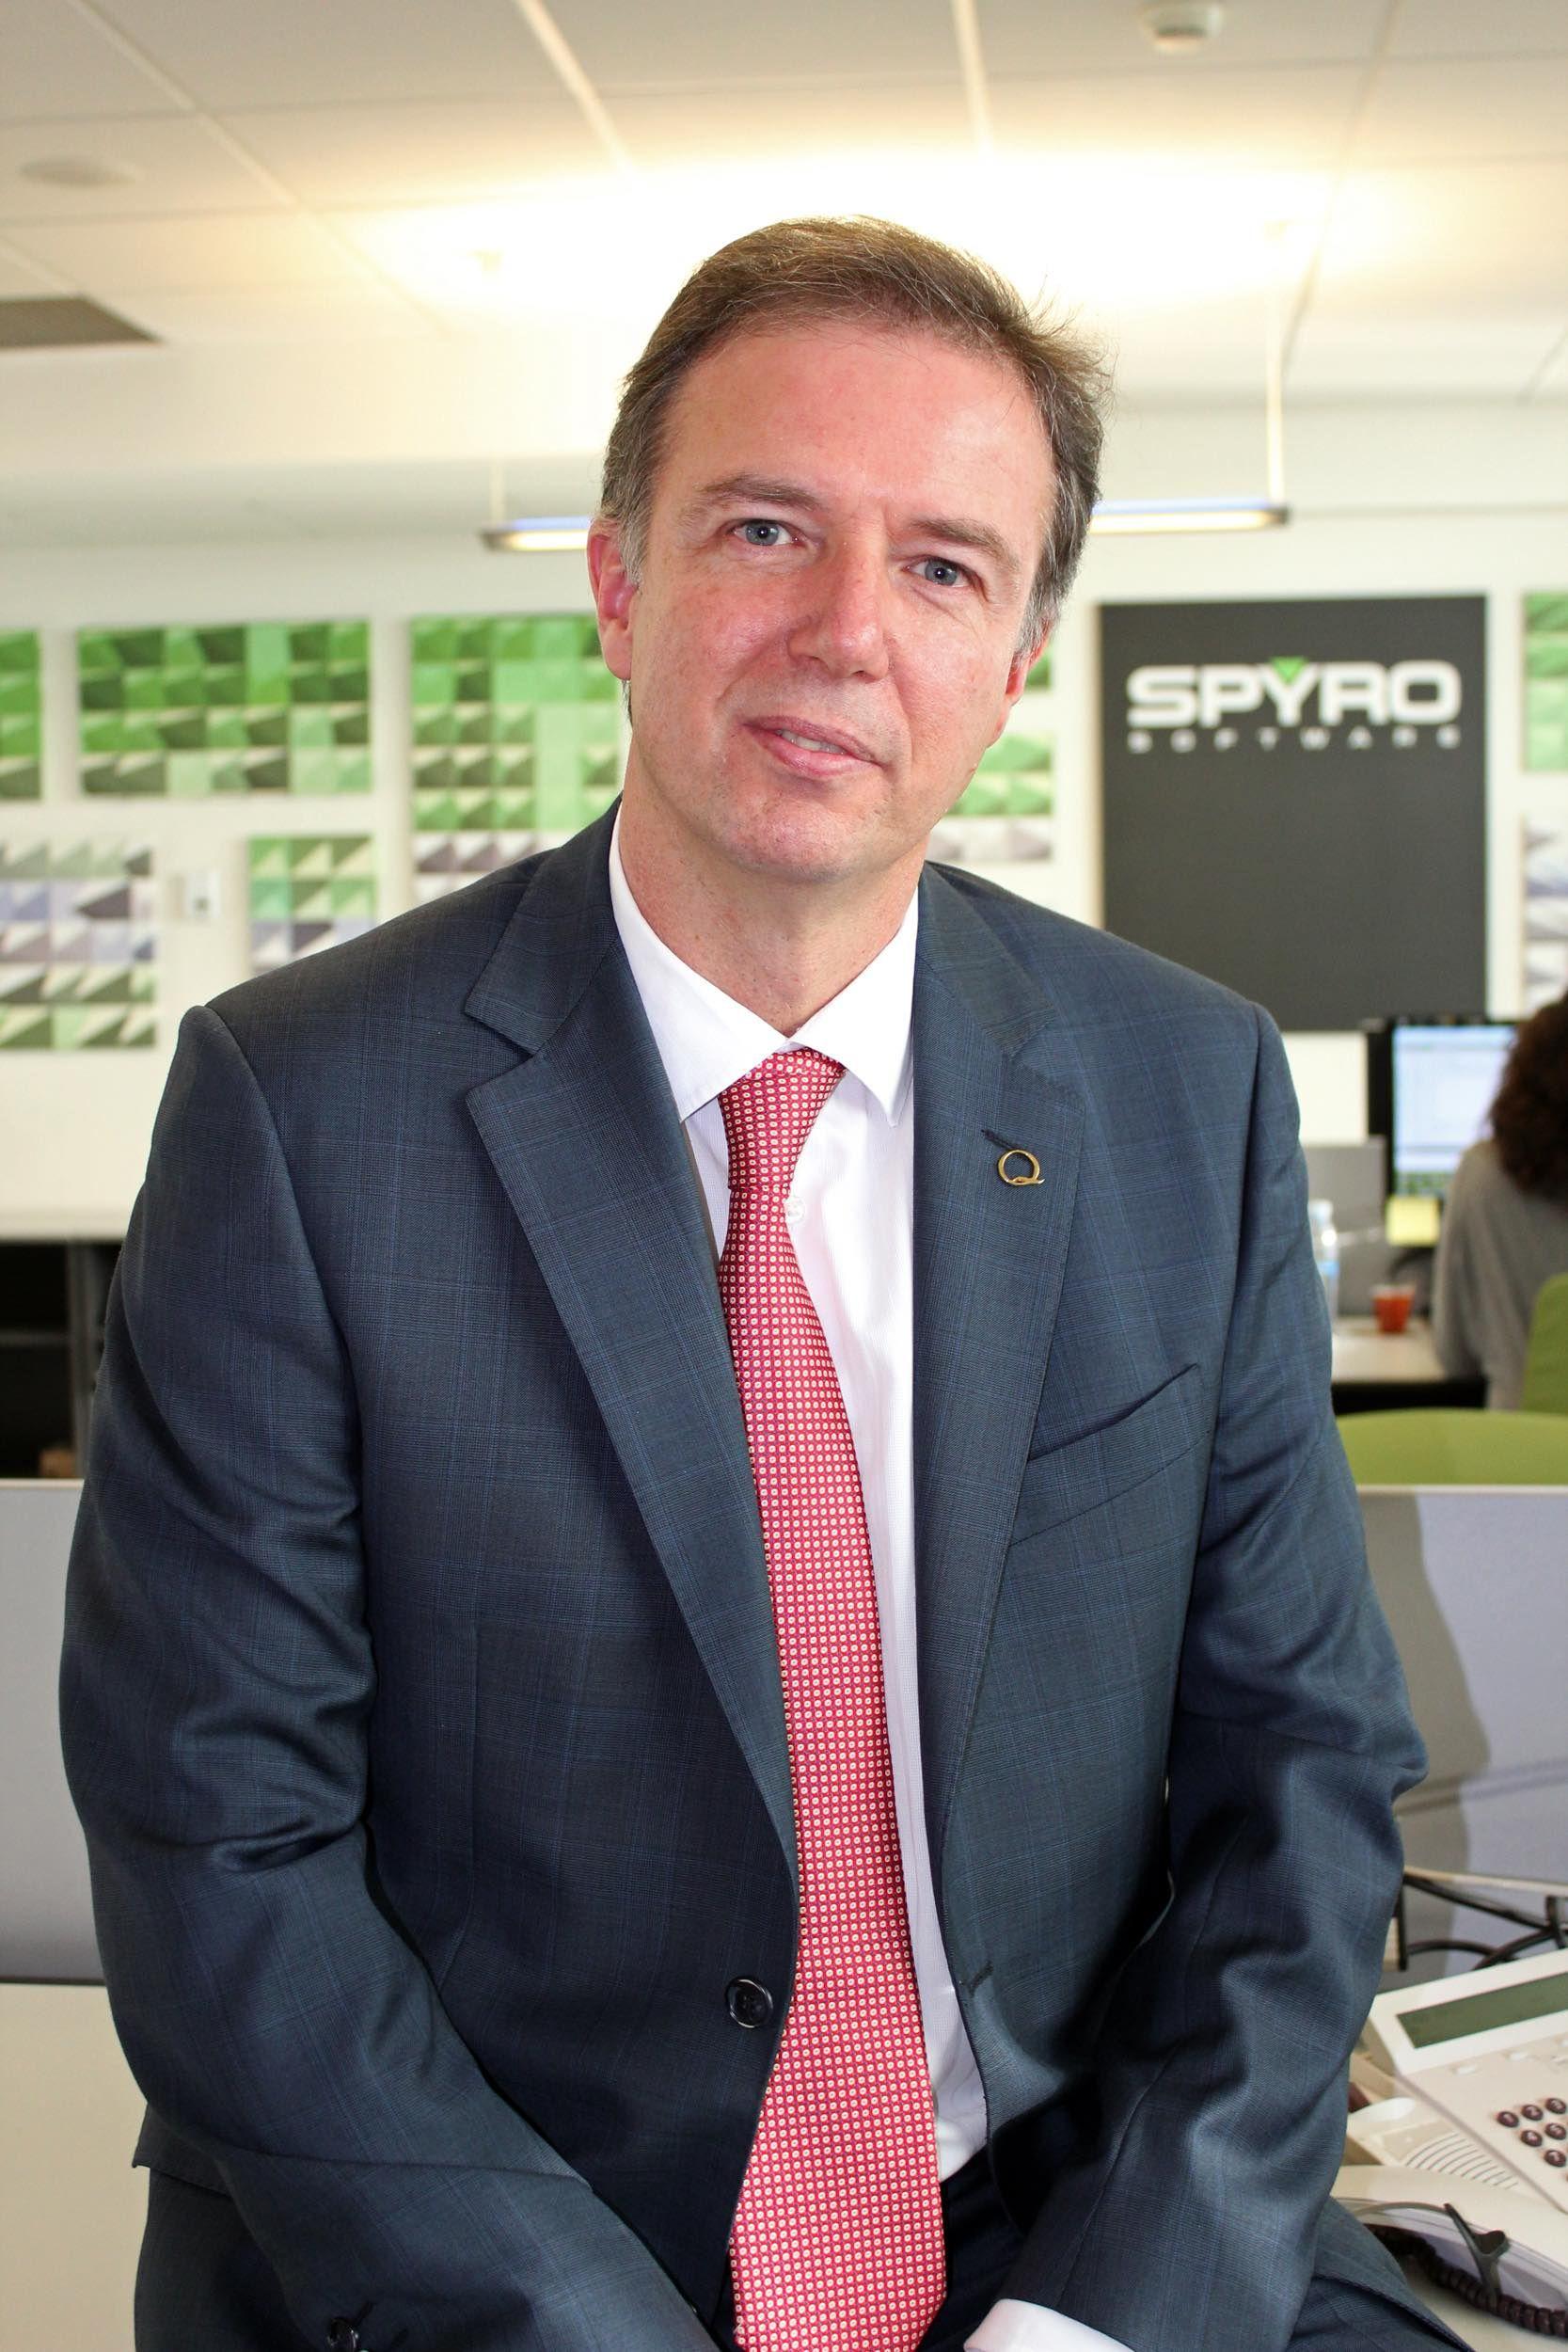 Foto de Ricardo González, fundador y Director General de Spyro